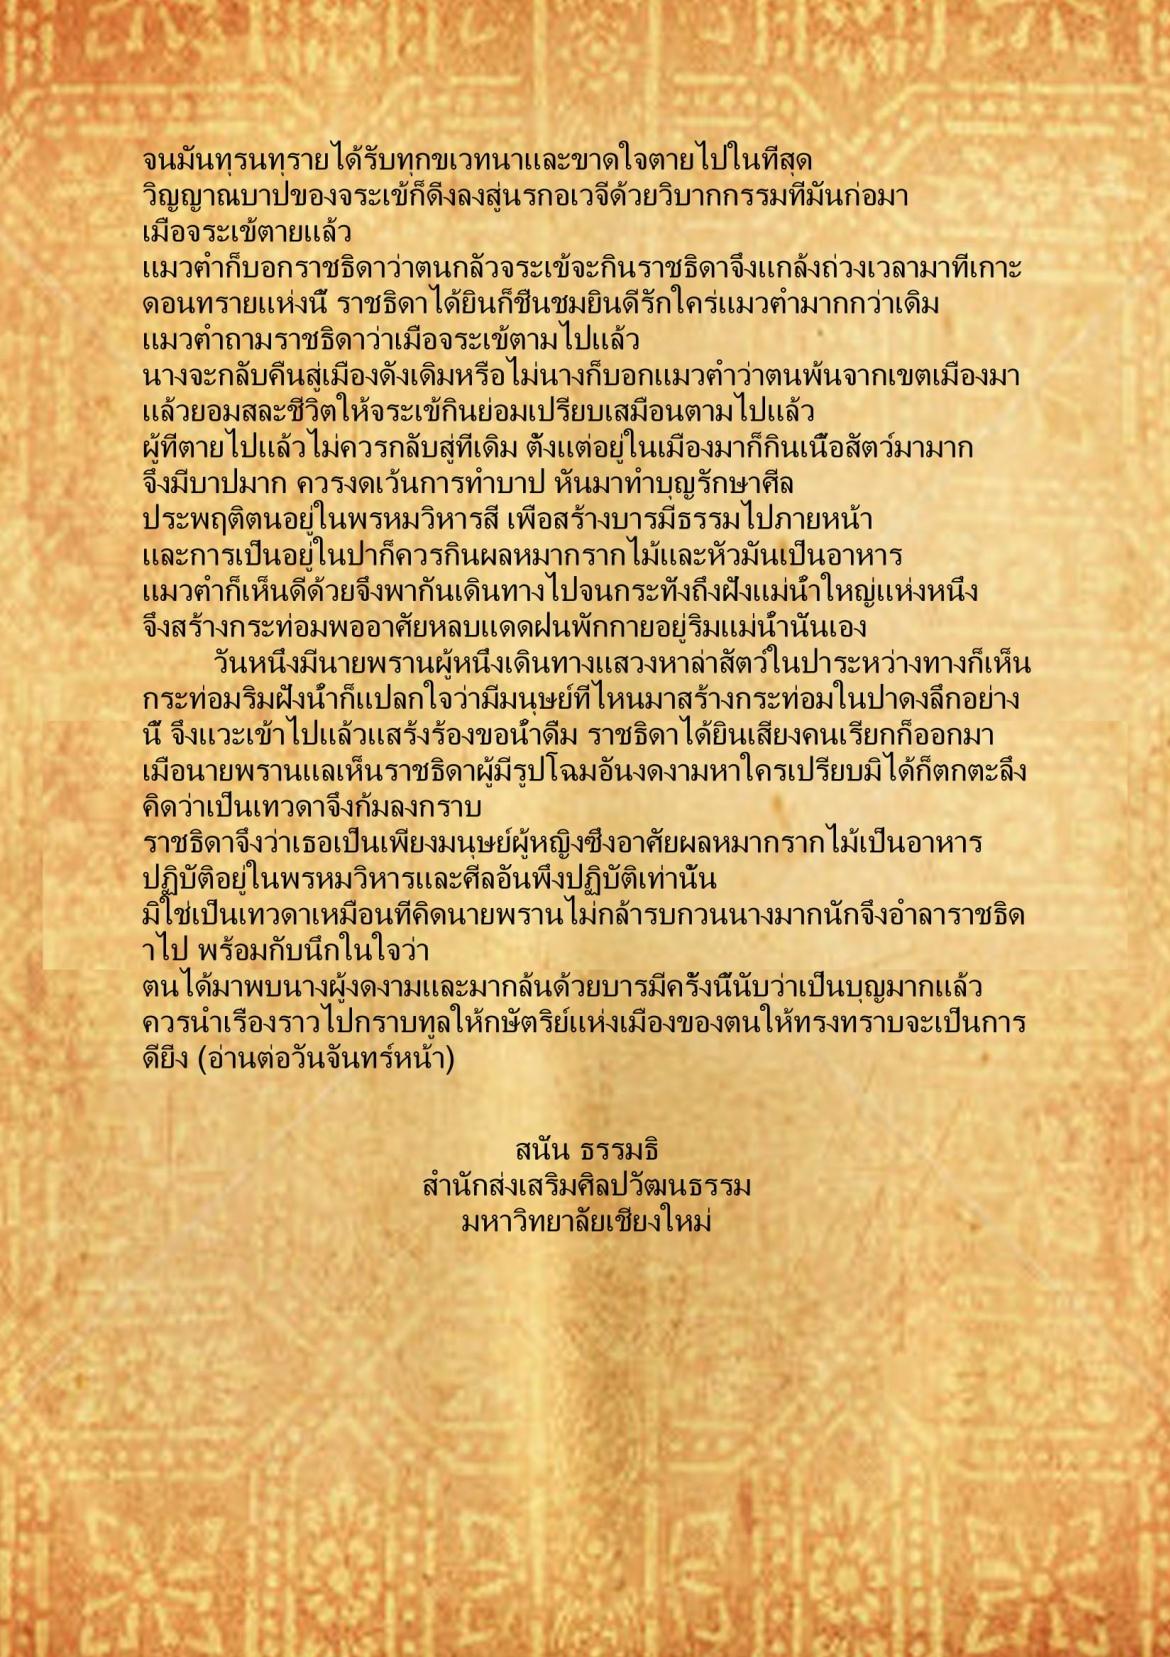 ไภยราช (2) - 13  มิถุนายน  2559